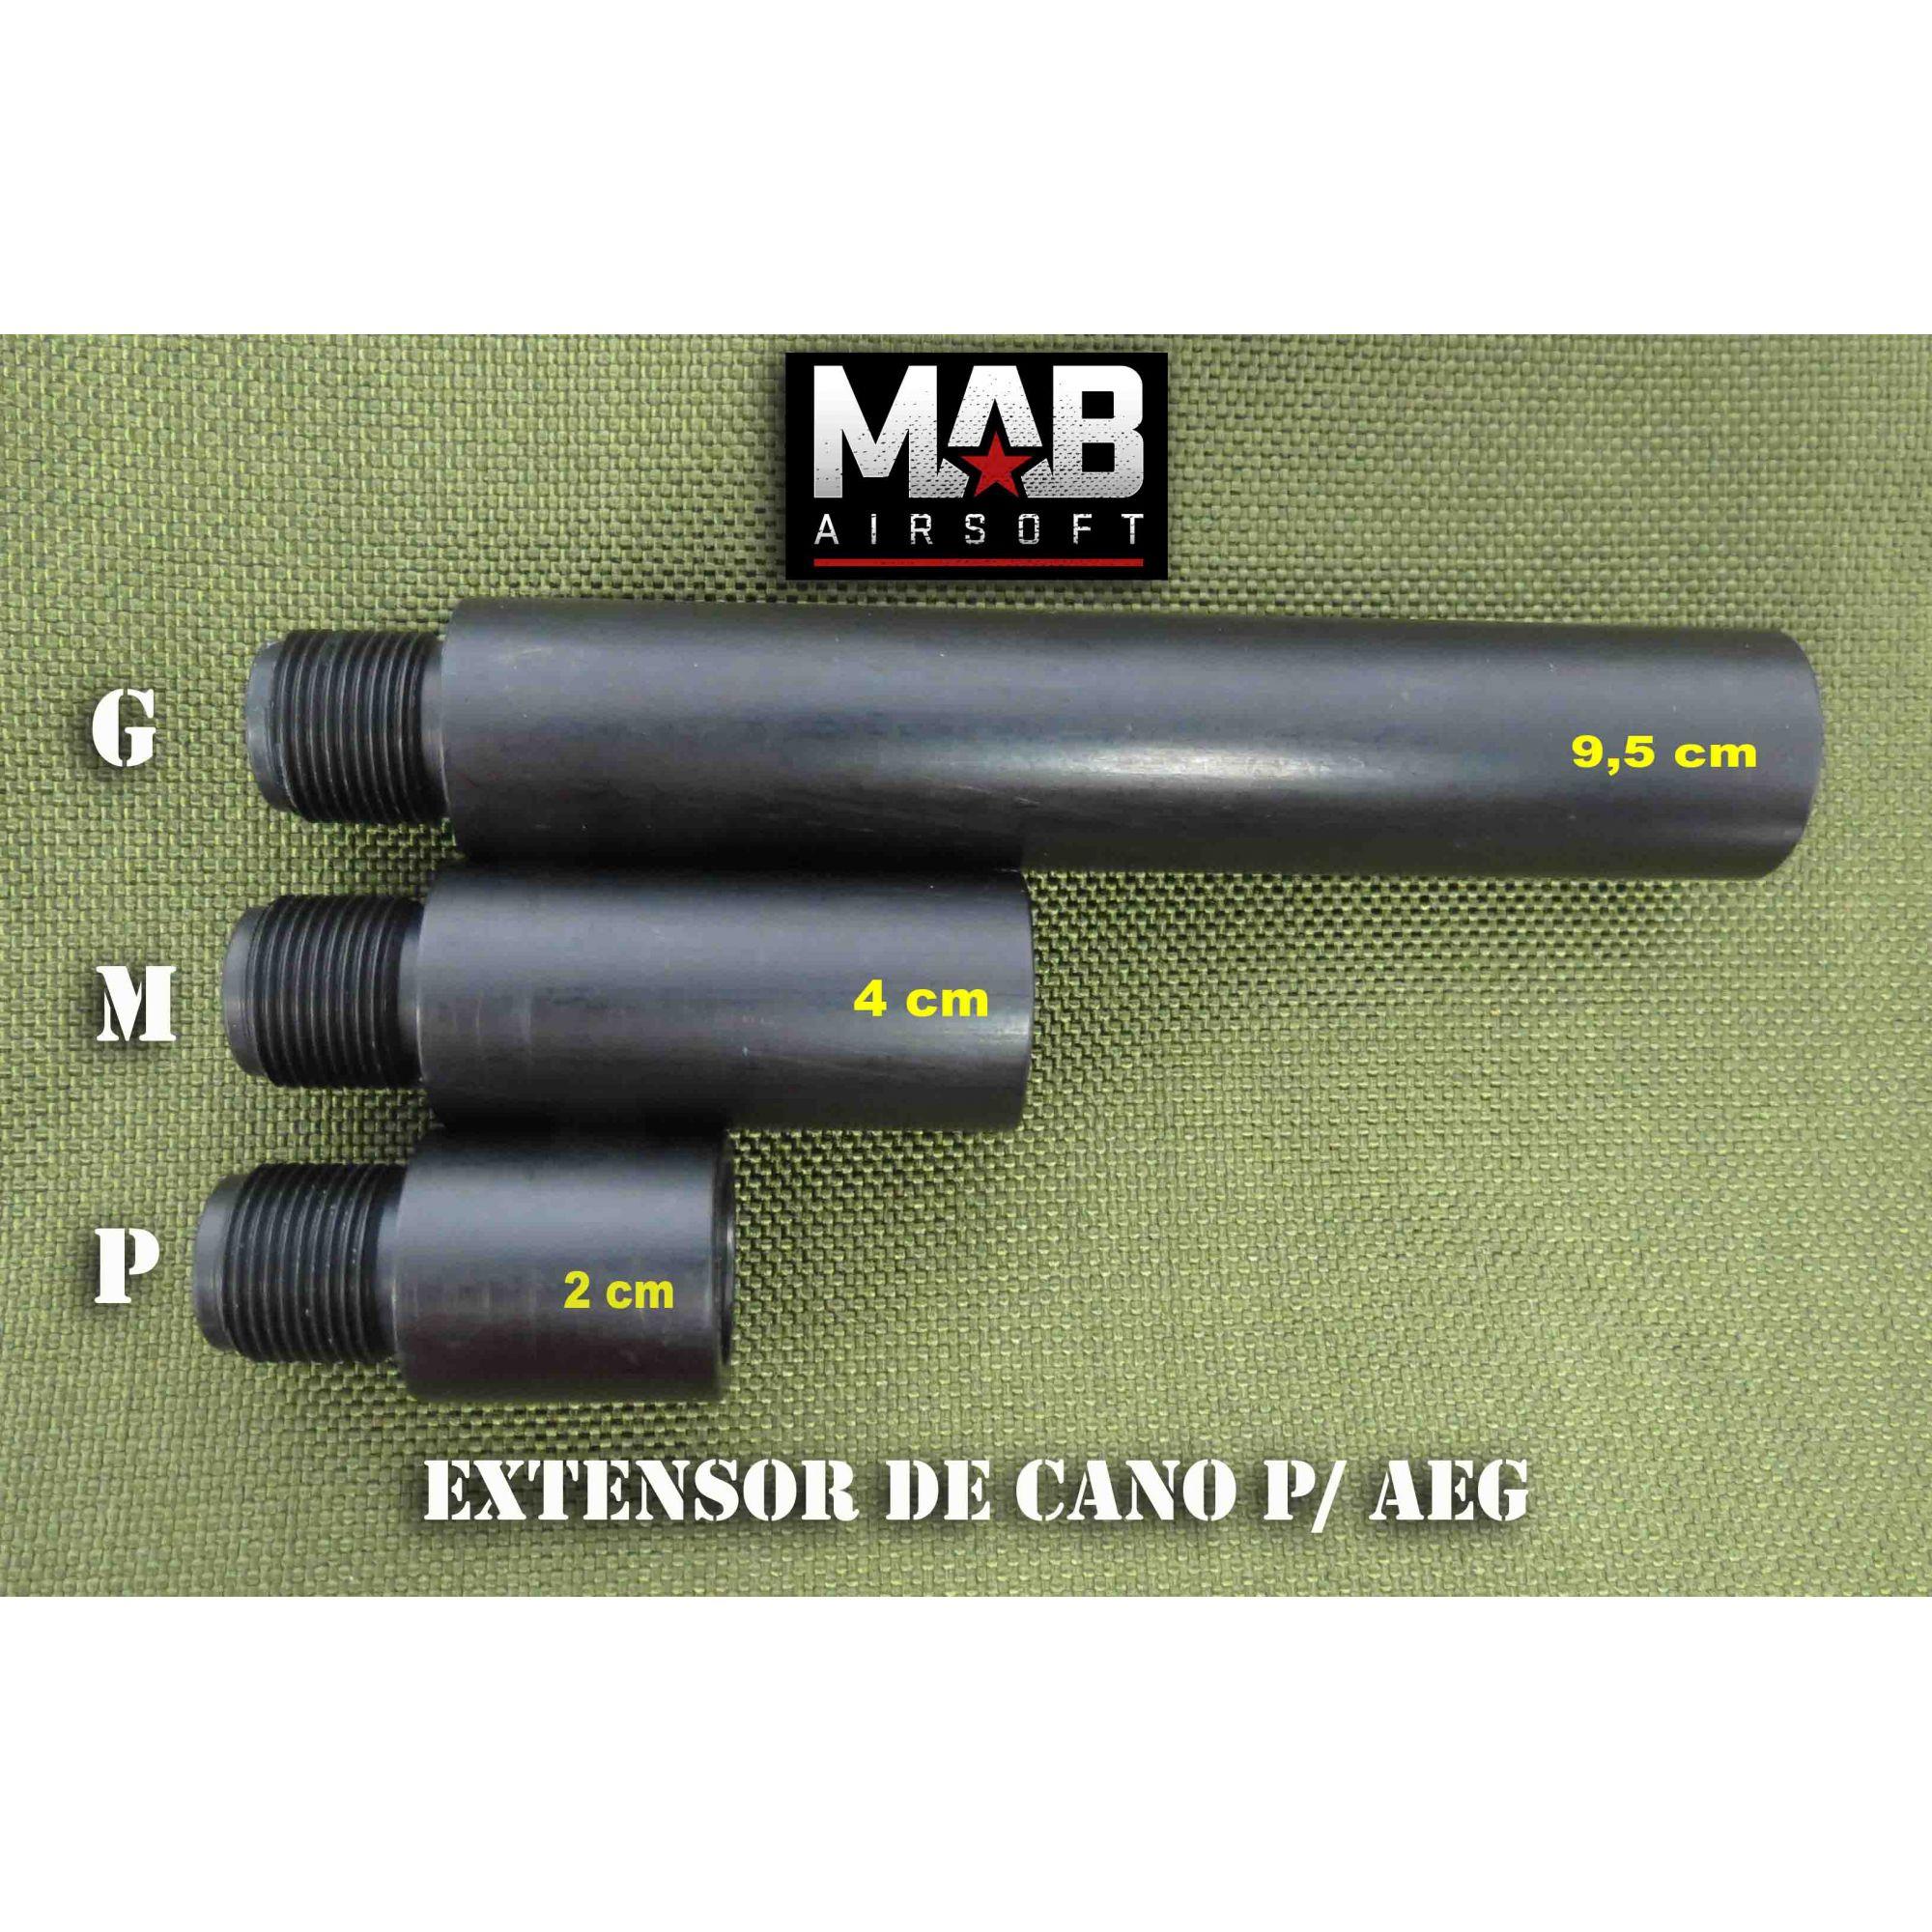 Extensor de Cano p/ AEG - Tamanho (G) - rosca Esquerda/ Esquerda  - MAB AIRSOFT